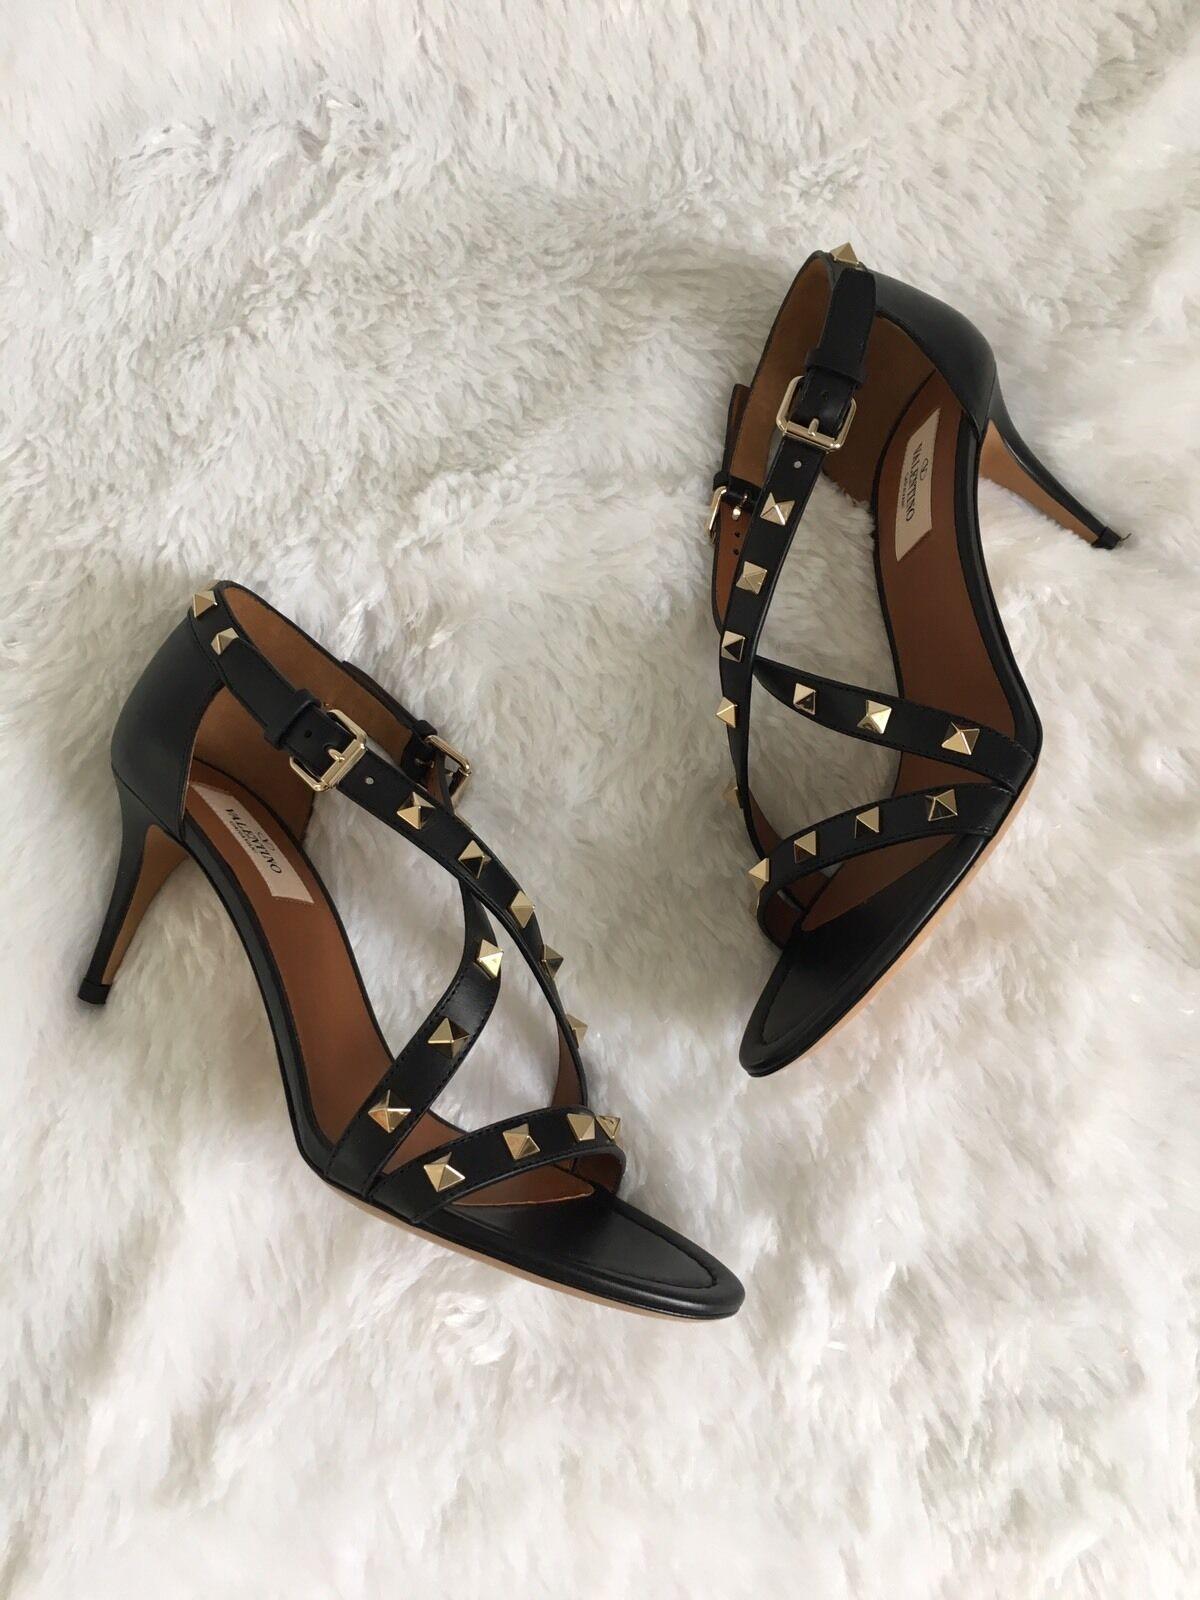 Valentino Rockstud Rockstud Rockstud Crisscross 70mm Sandal 38.5  945 f42a8d